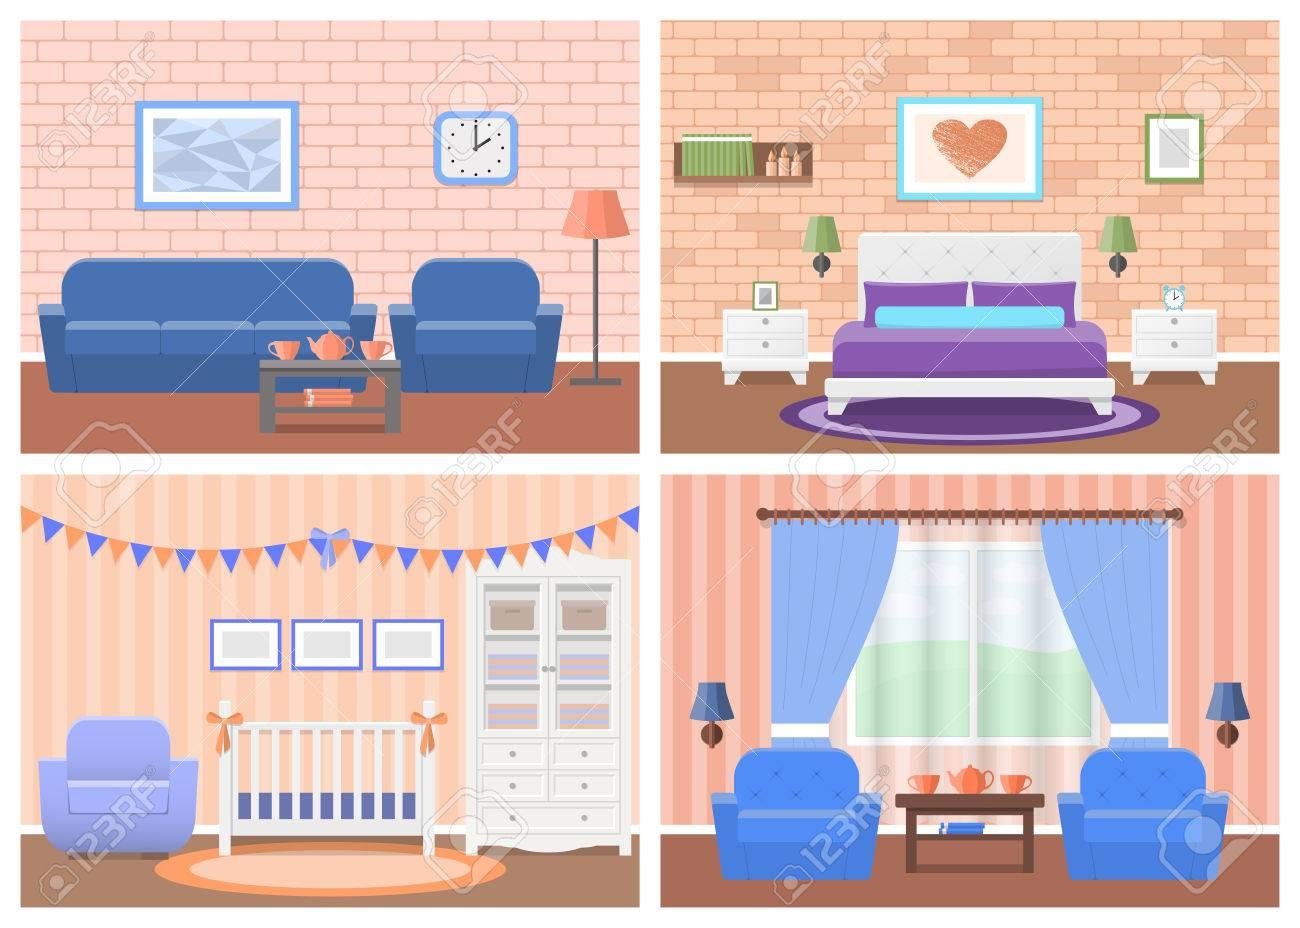 Habitaciones Interiores. Vector Muebles. Sala De Estar, Dormitorio ...